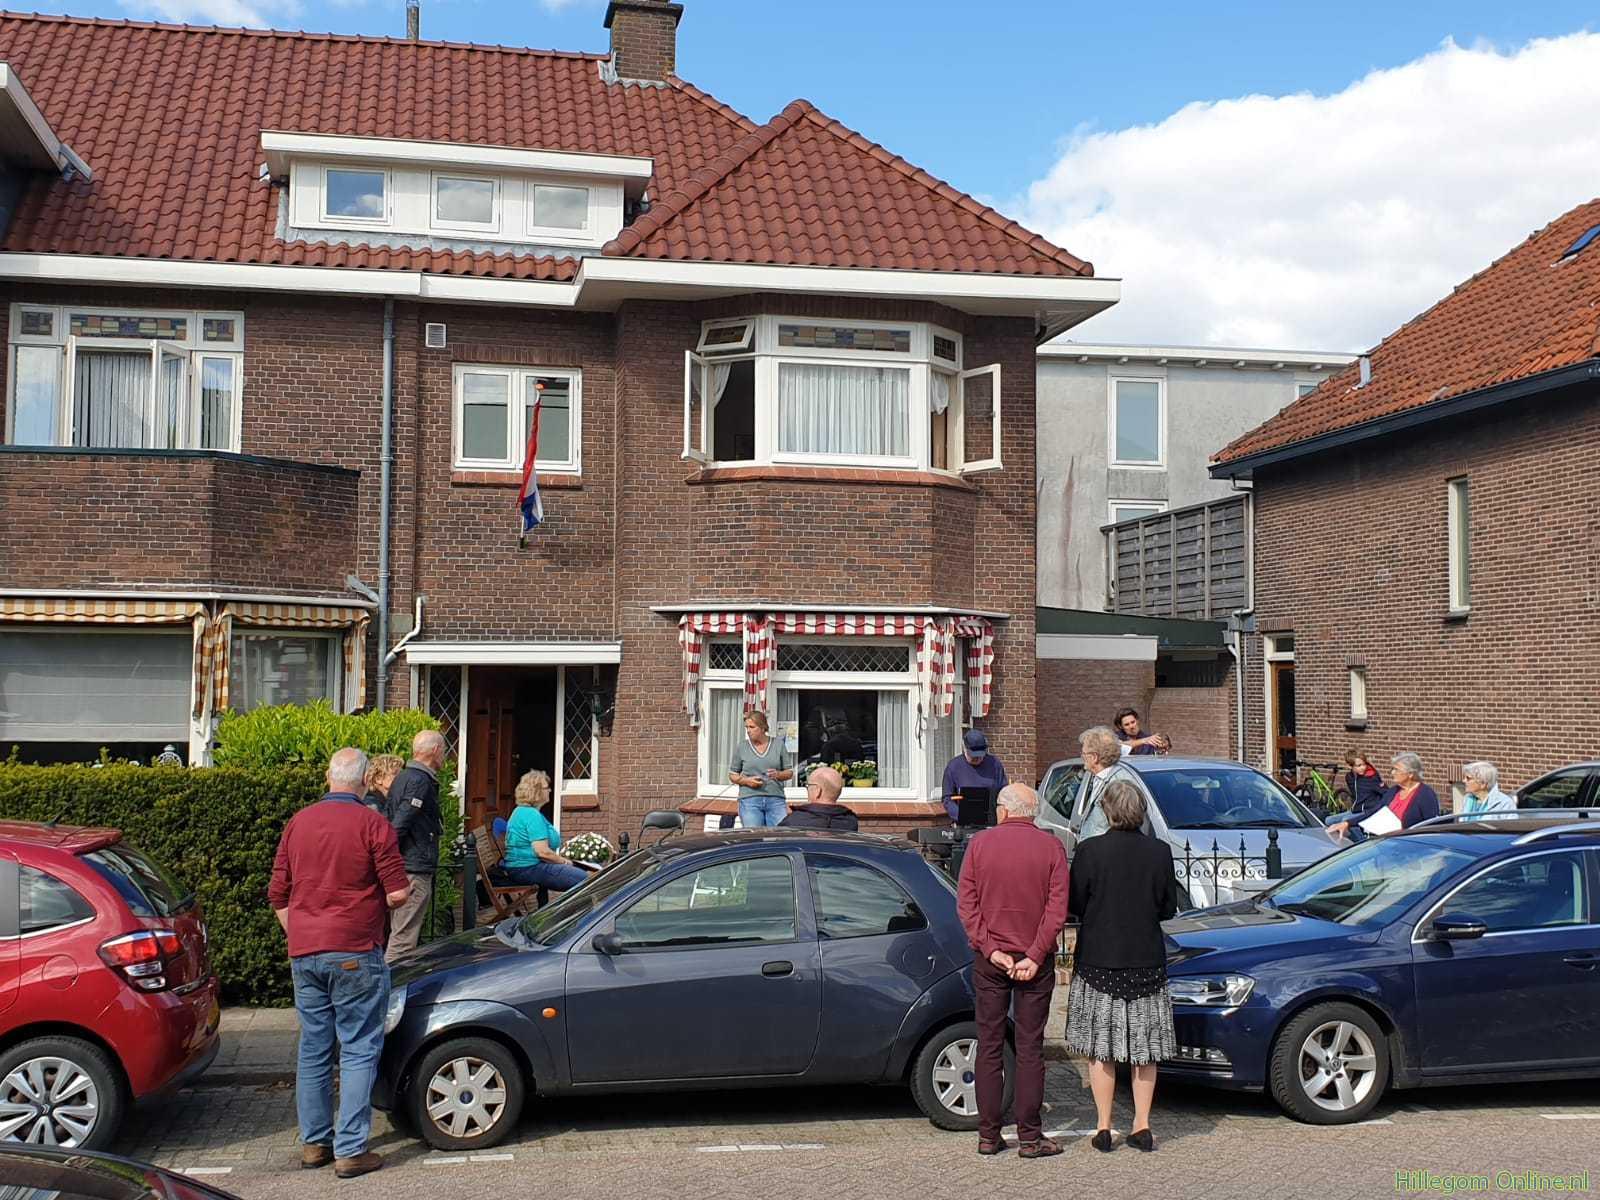 200505-Bevrijdingsdag-straatconcert-Corine-Zijderveld-107